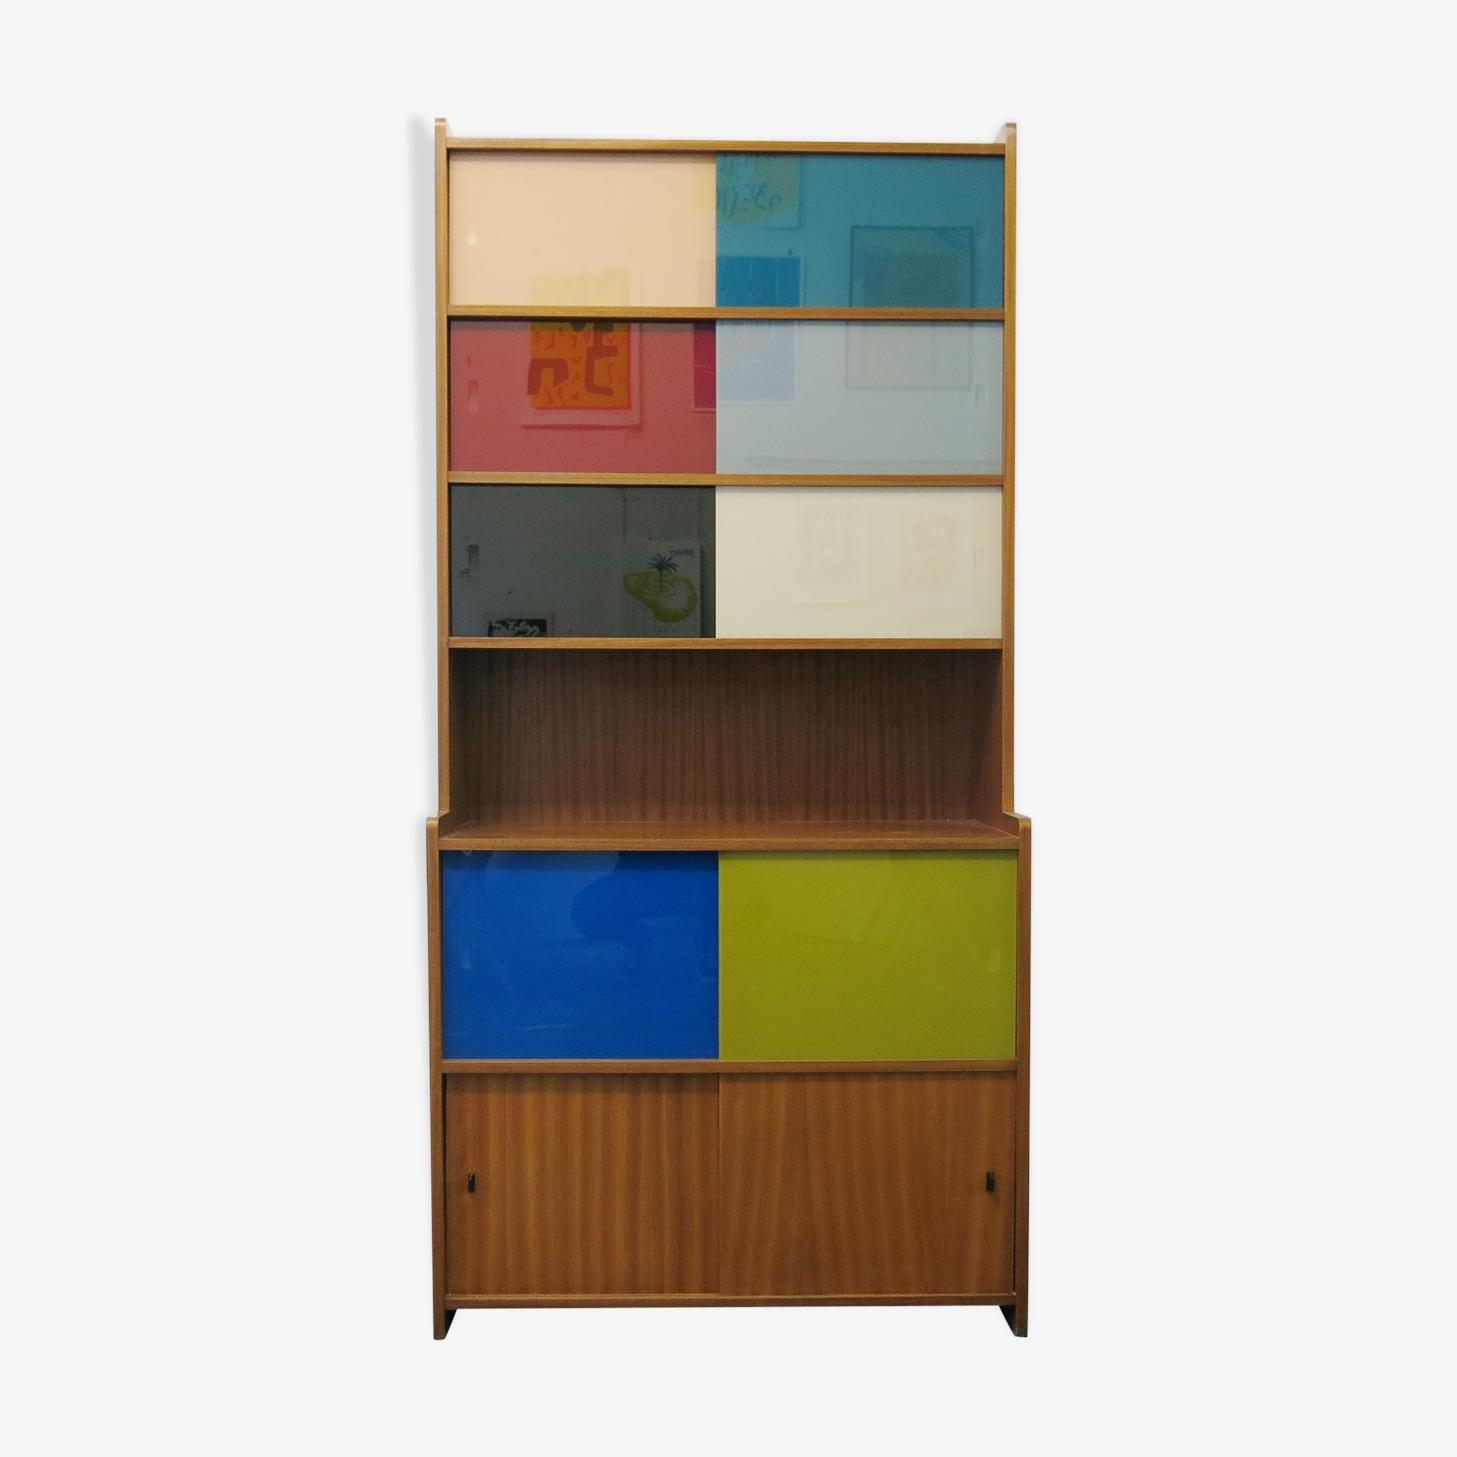 Bibliothèque/meuble de rangement des années 60